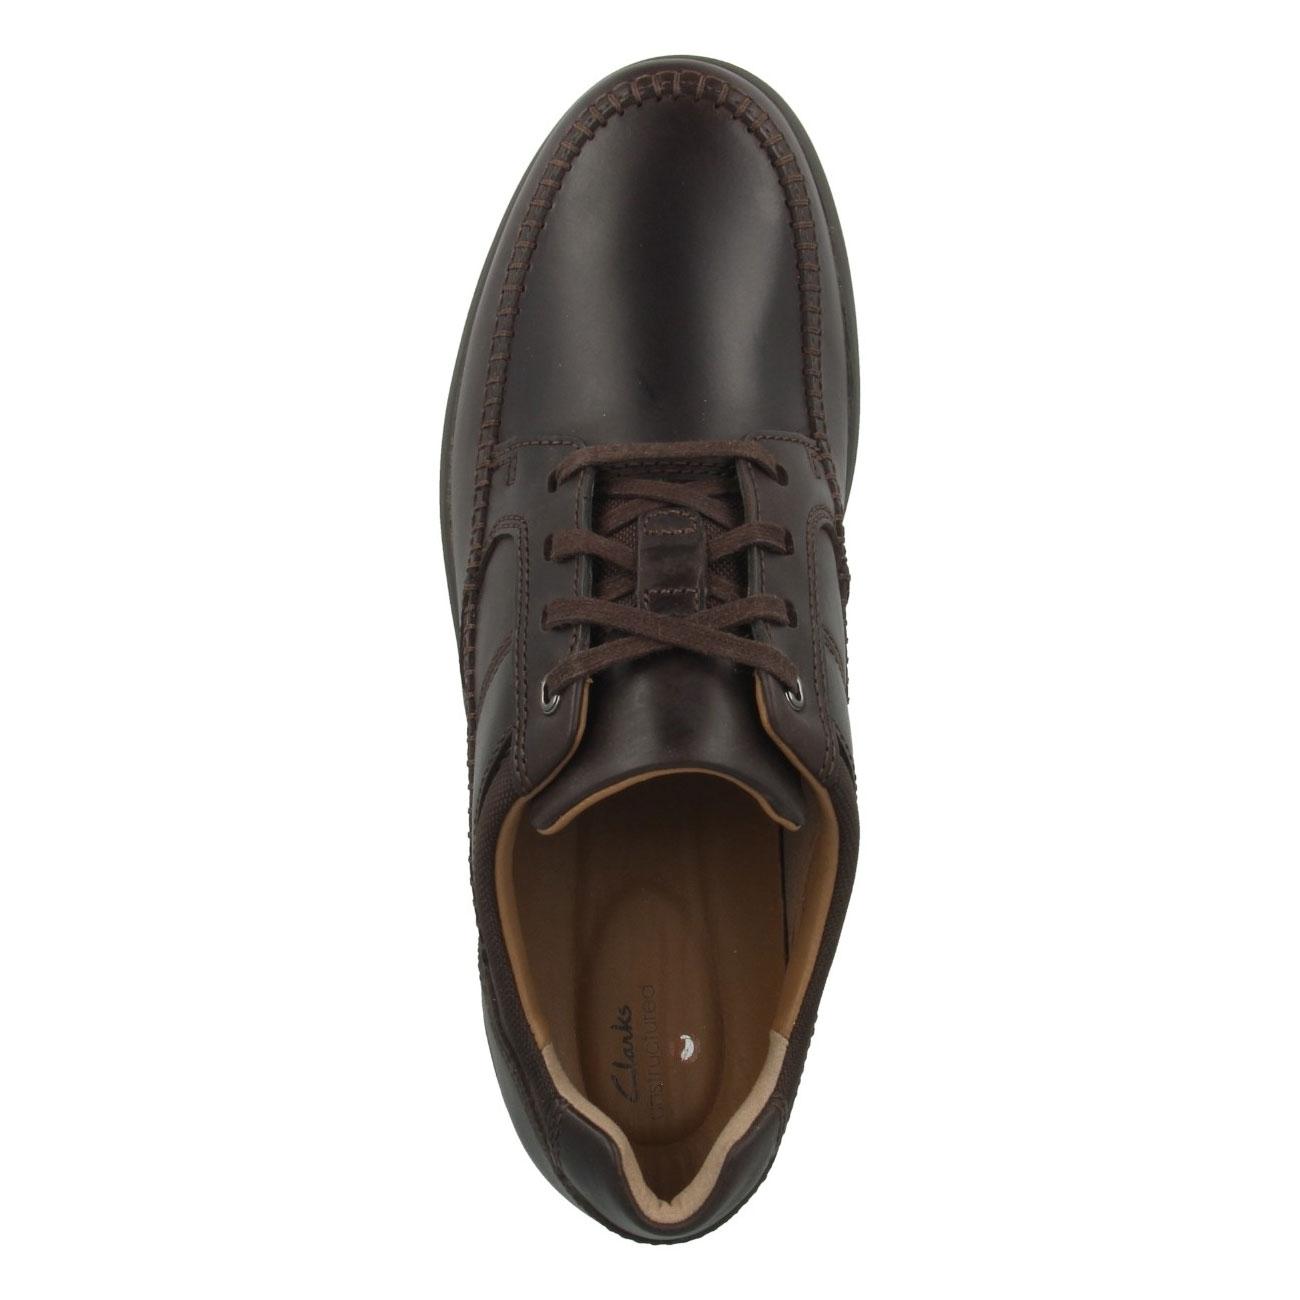 Мъжки ежедневни кожени обувки Clarks Un Trail Apron цвят махагон